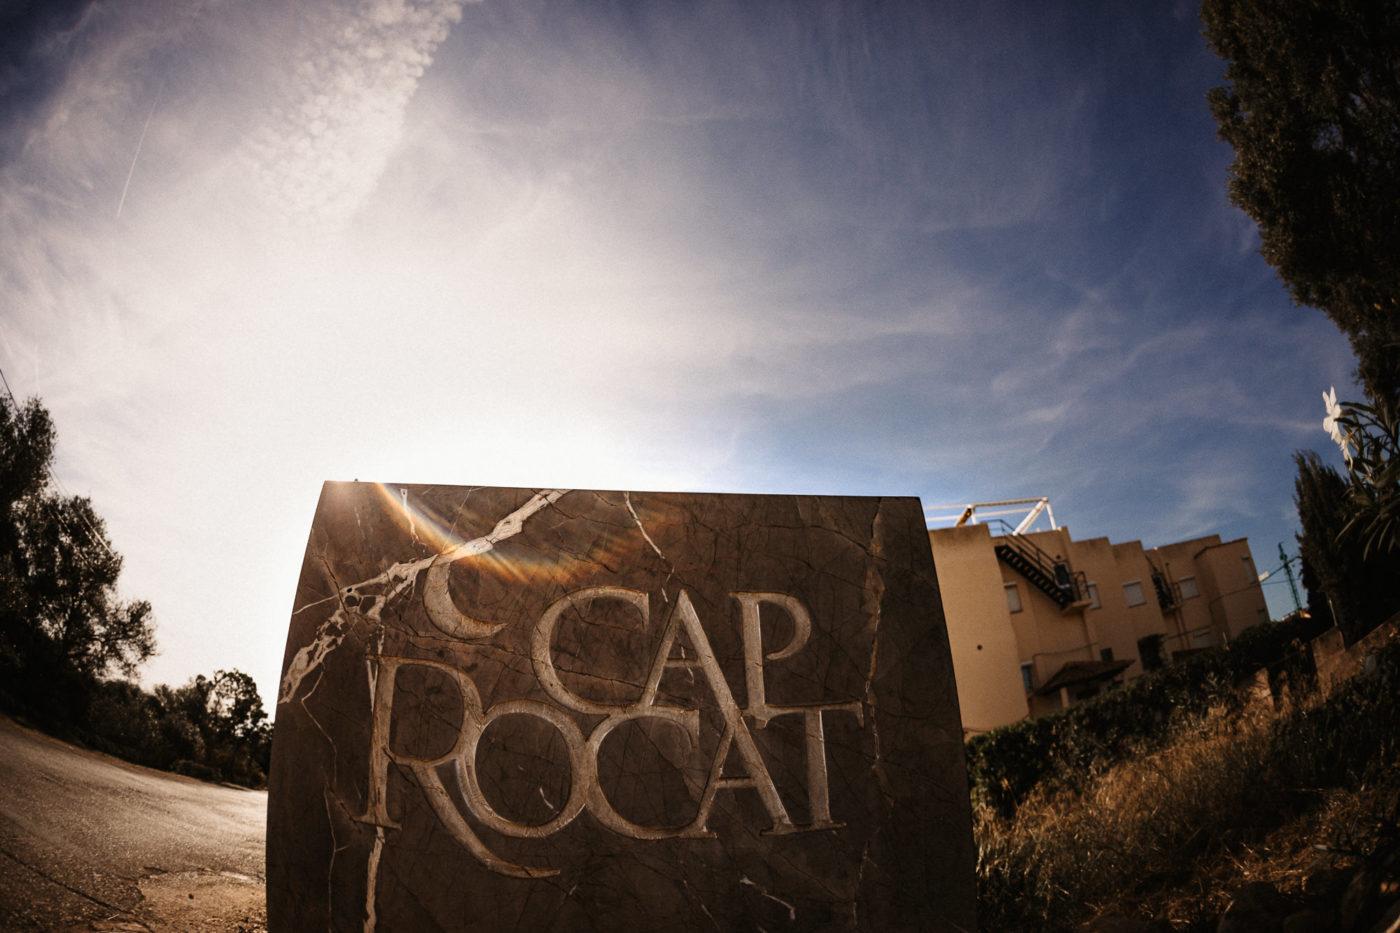 Eingang zur Hochzeitslocation Cap Rocat